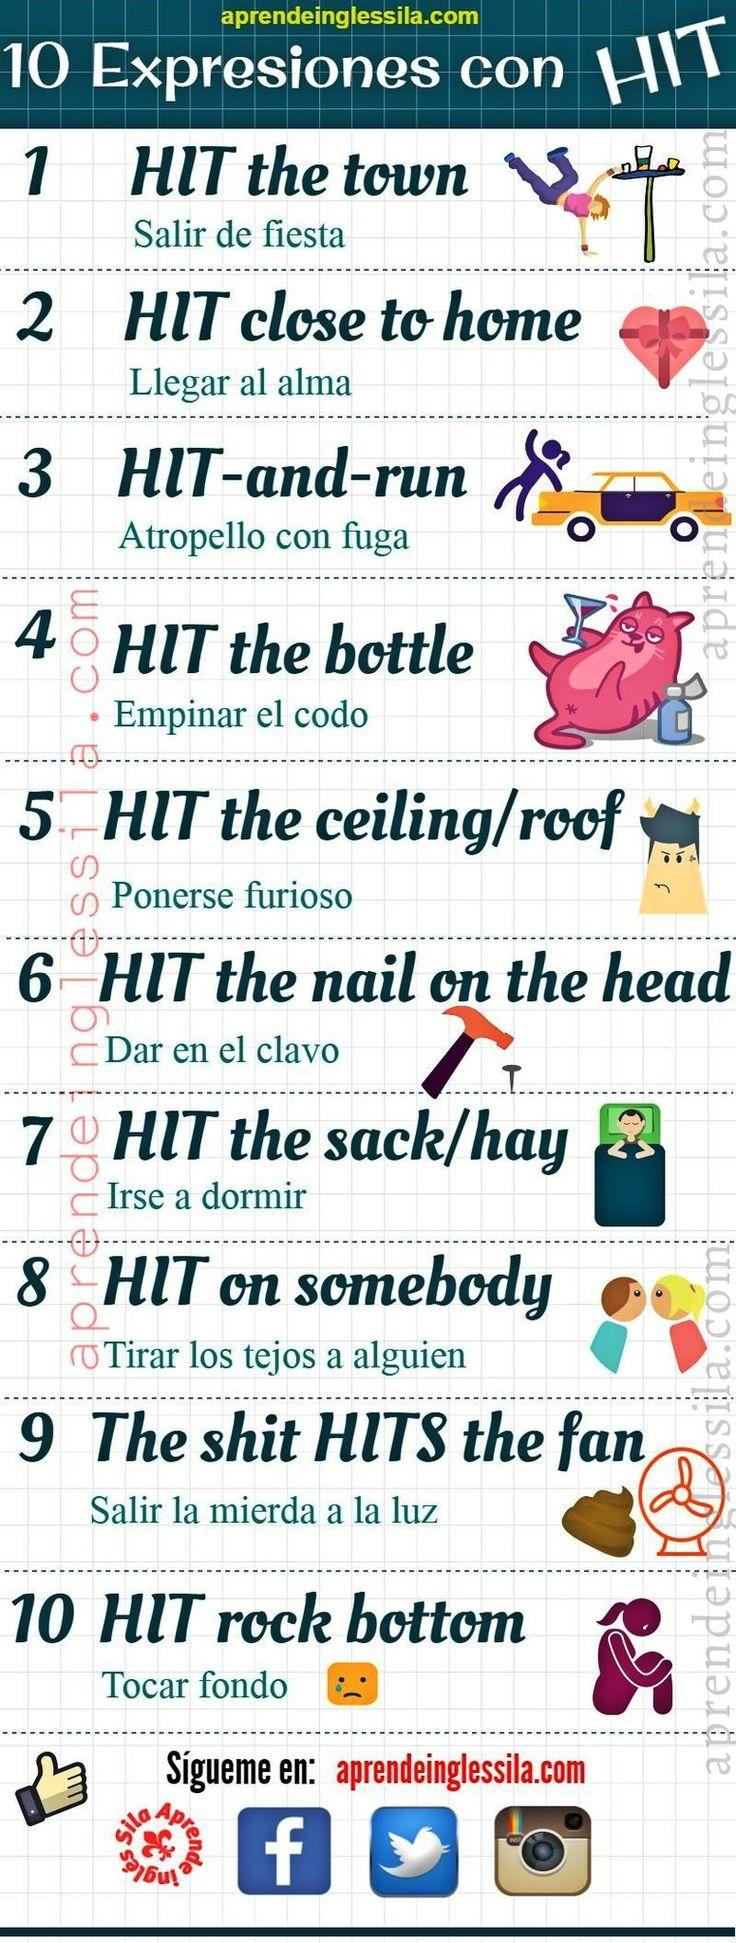 """Aprende Inglés-Sila on Twitter: """"10 expresiones en #inglés con HIT"""